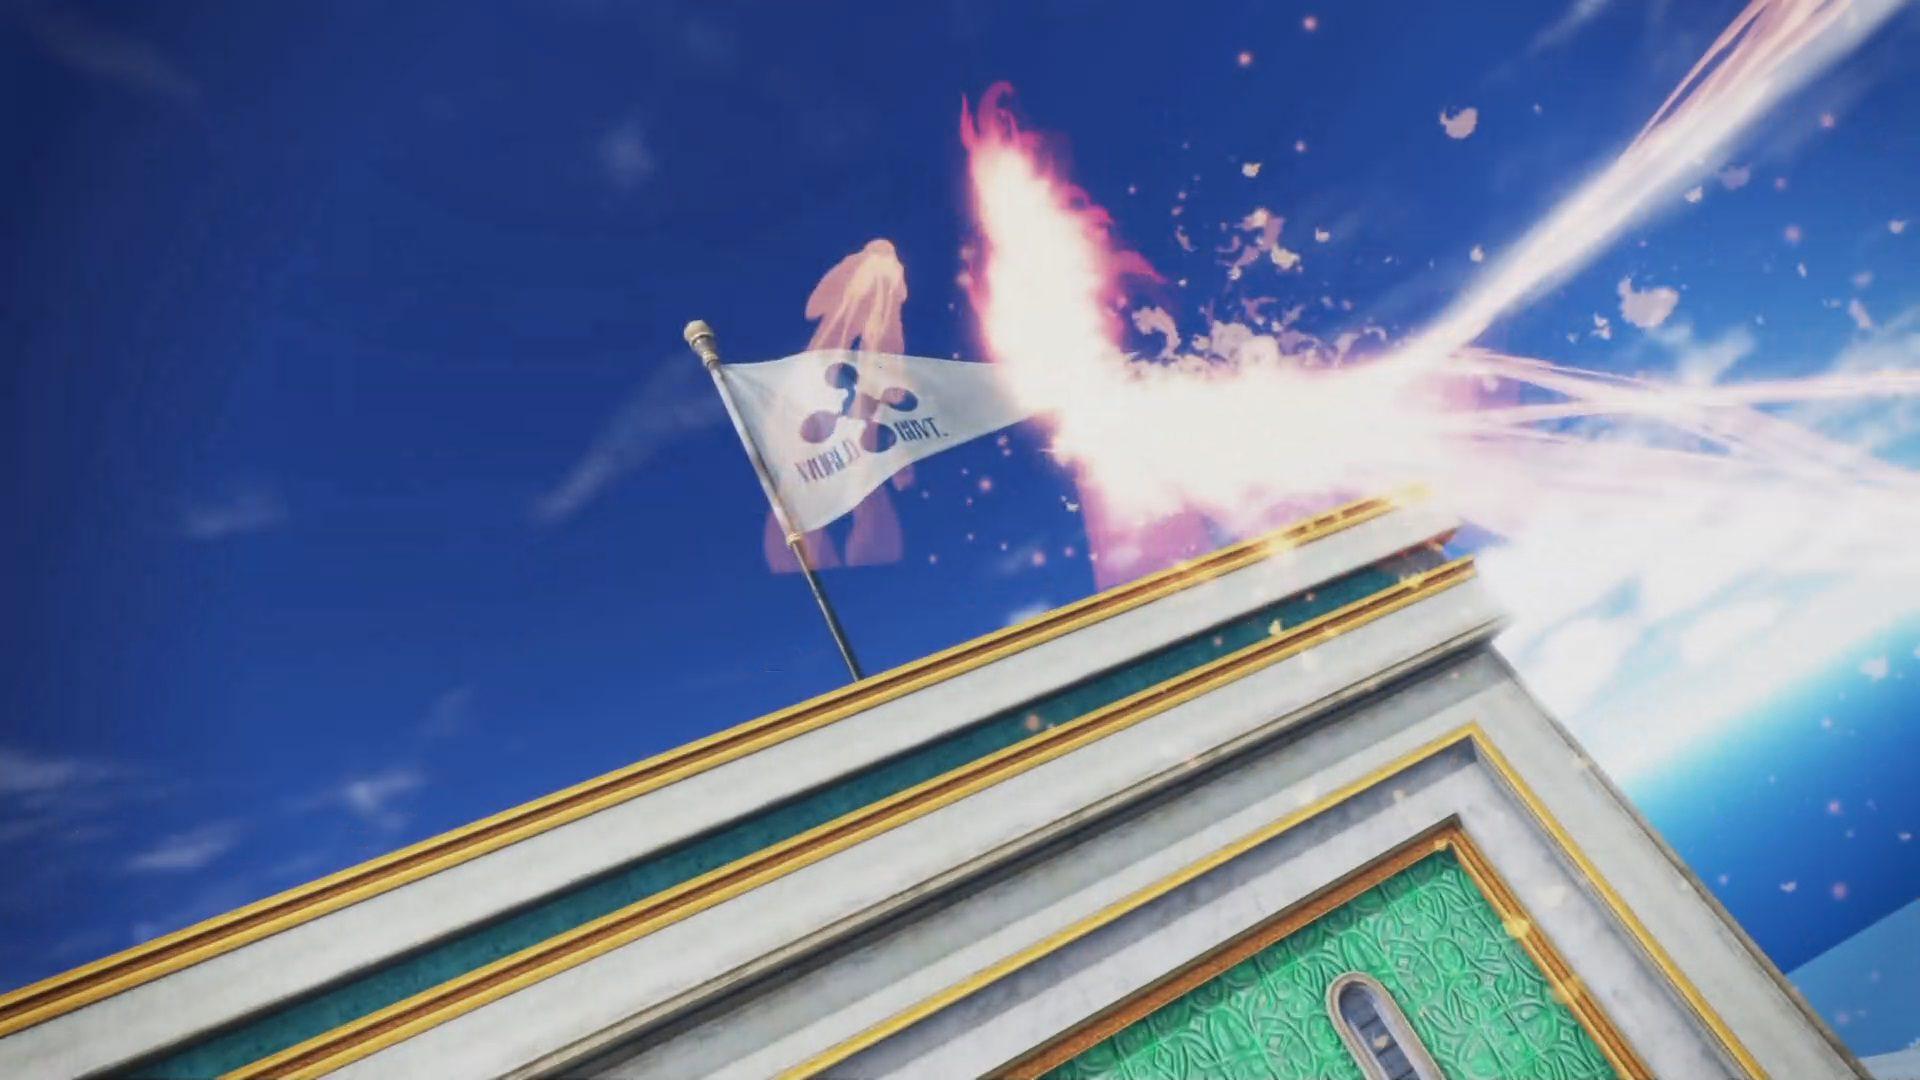 Destrucción de la bandera del gobierno mundial de One Piece Pirate Warriors 4